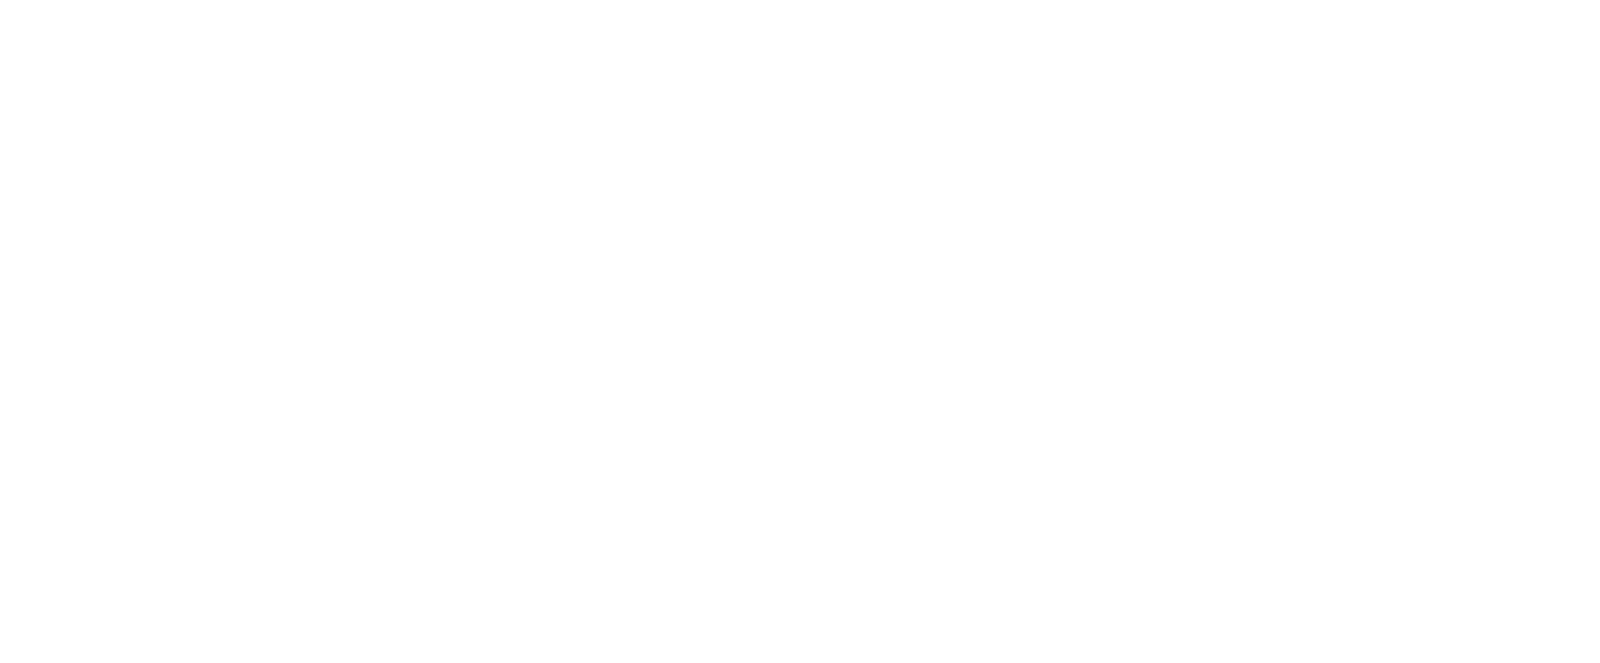 banner-overlay-new